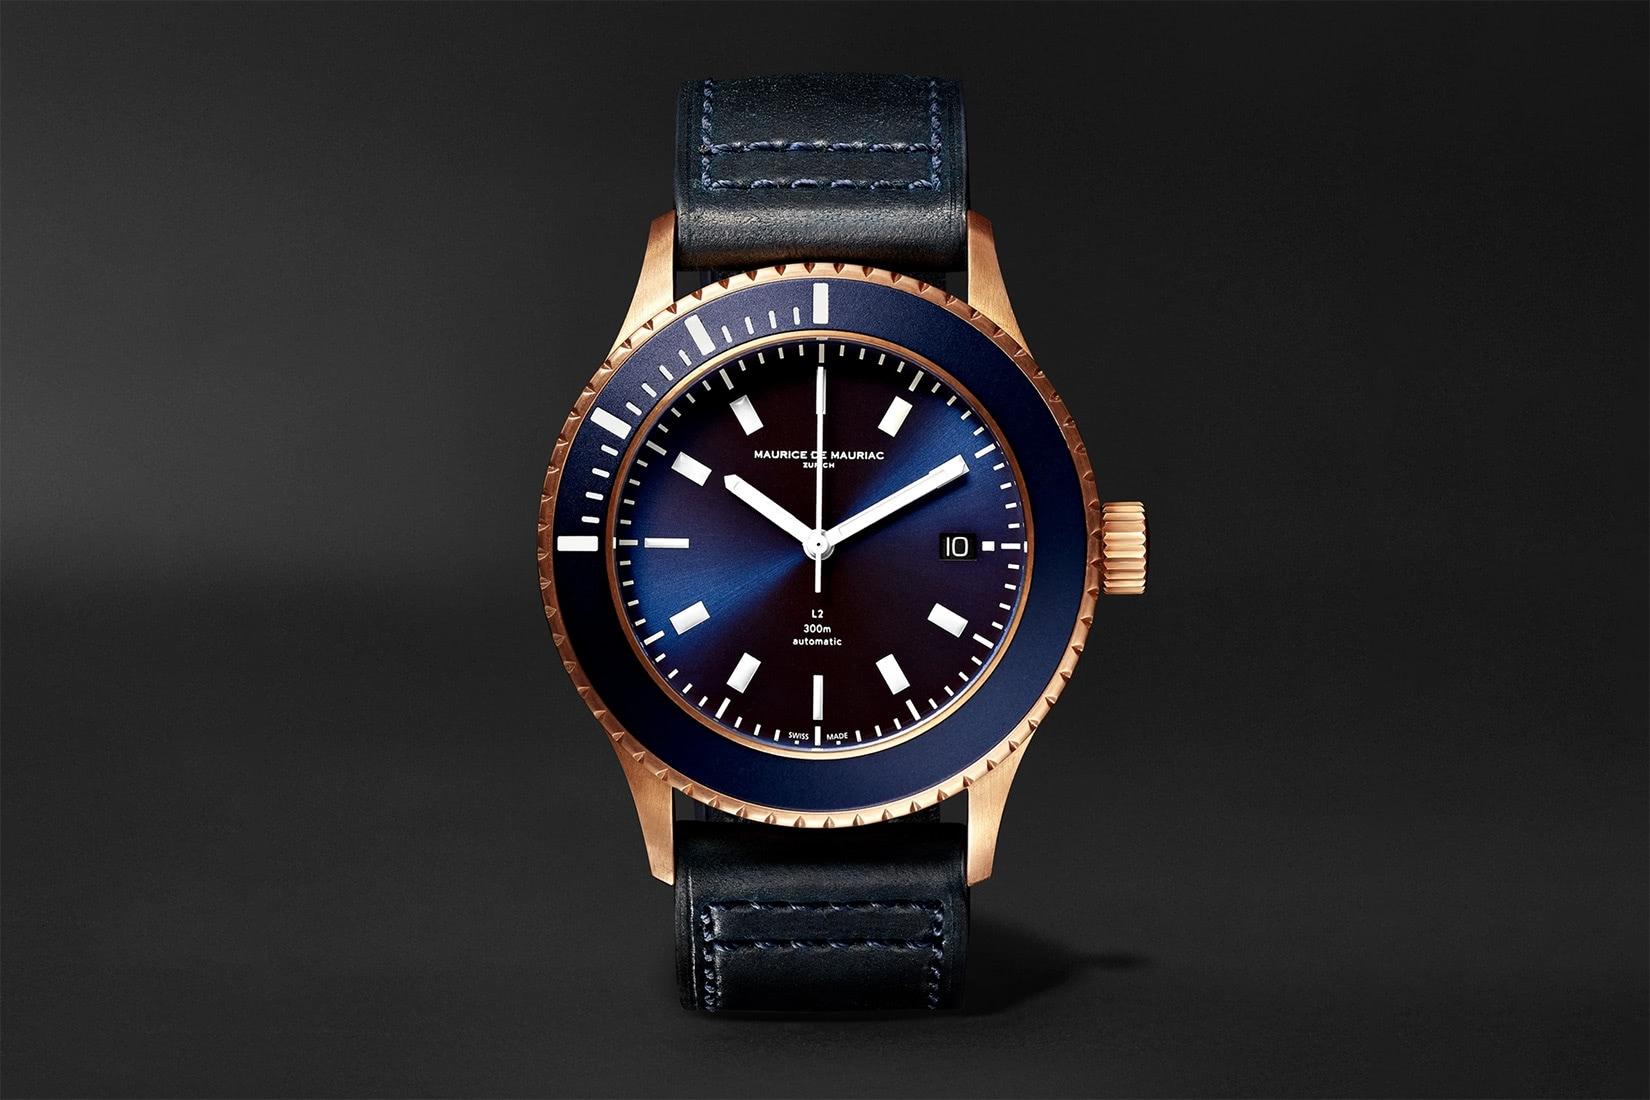 best dive watch maurice de mauriac L2 deep blue - Luxe Digital